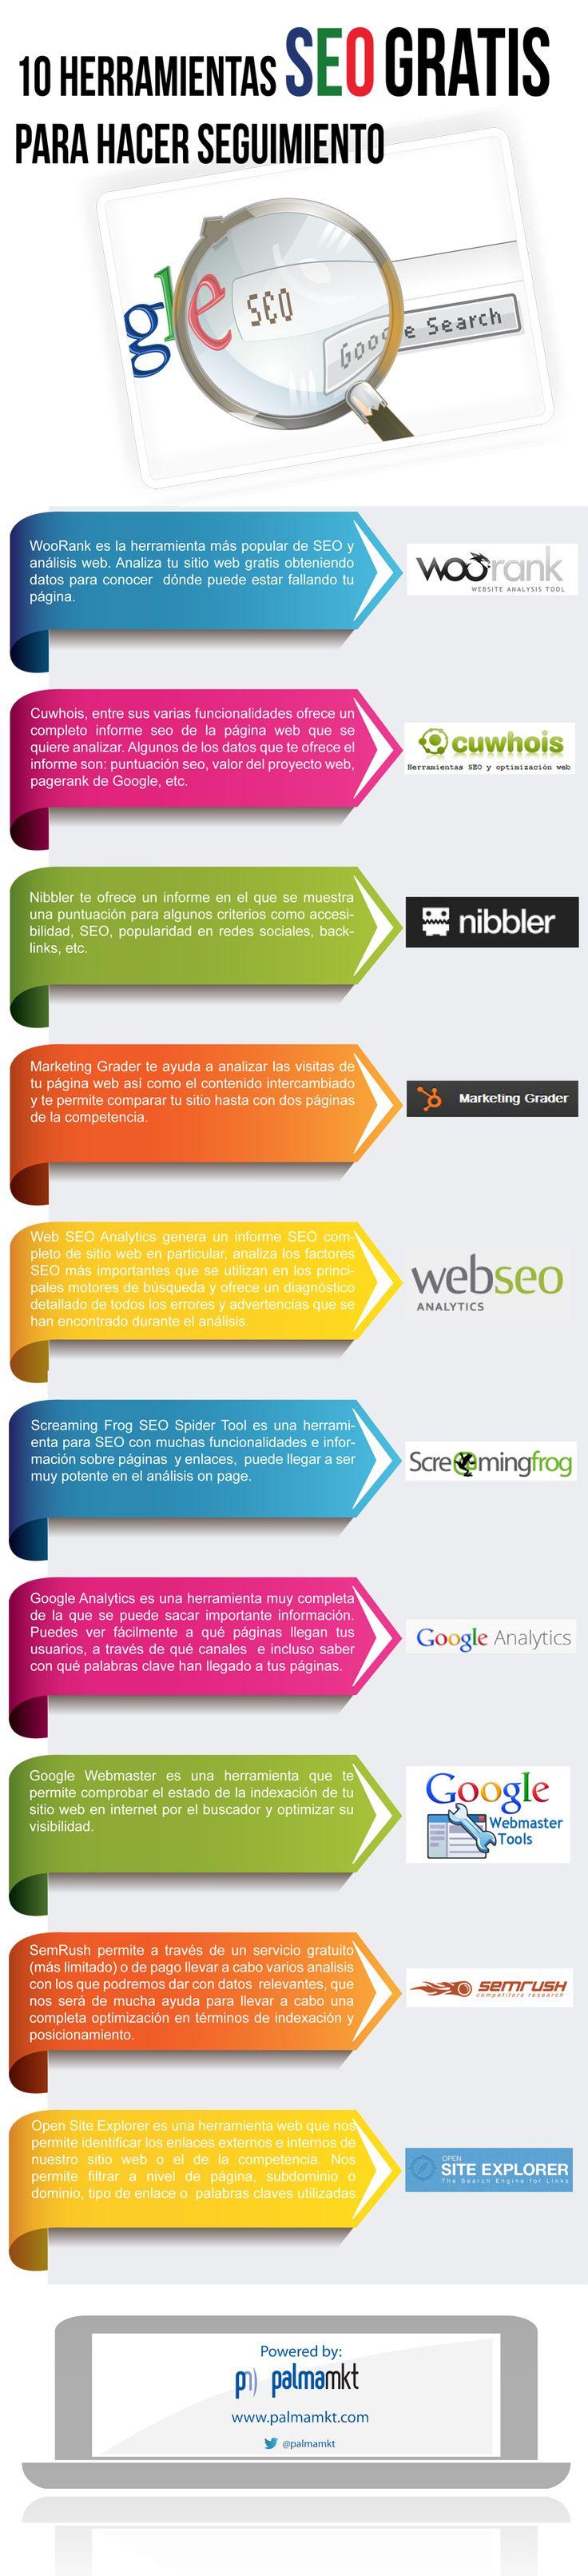 10 herramientas gratuitas para el SEO #infografia